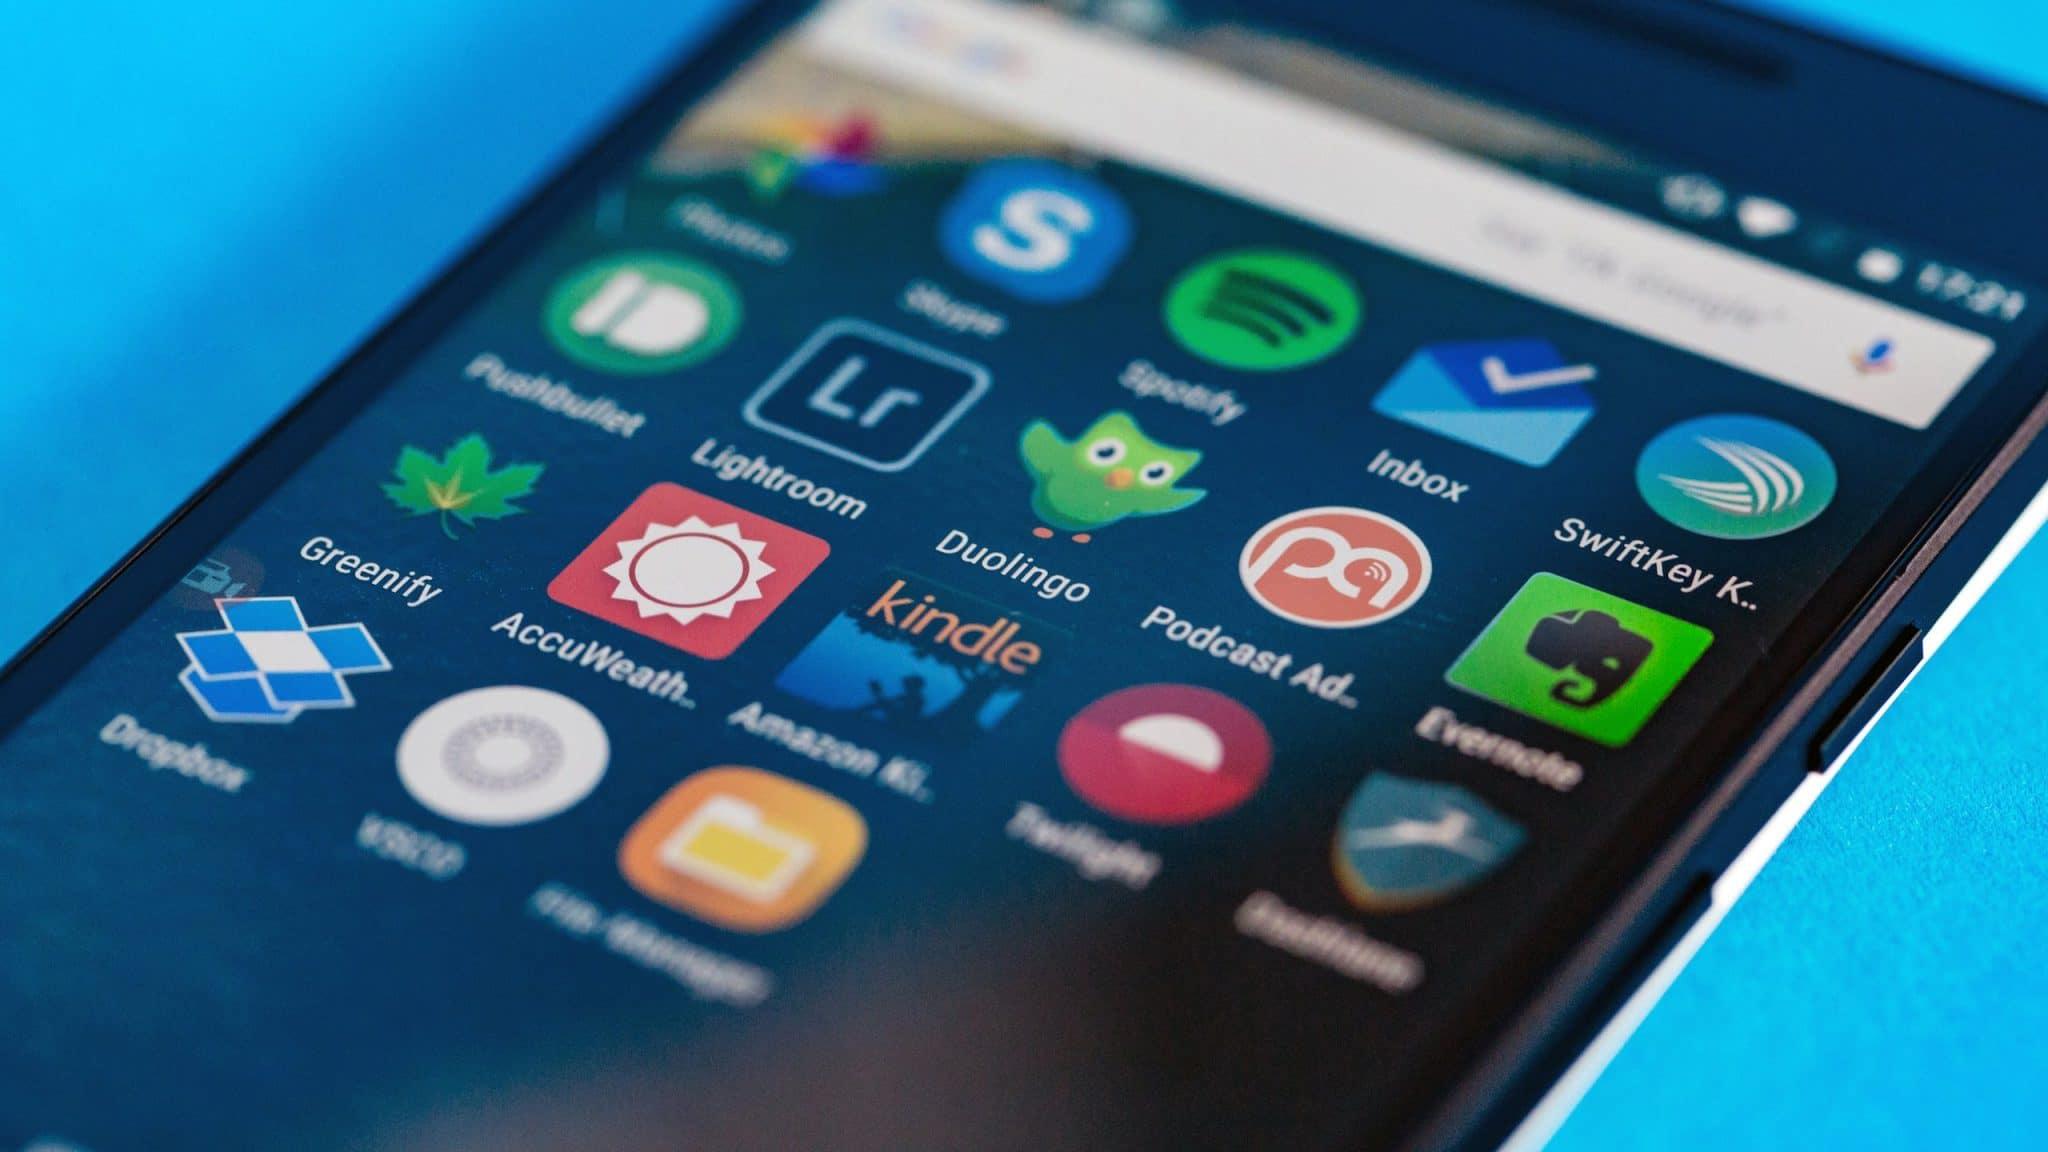 افضل 5 تطبيقات علي نظام اندرويد لشهر اكتوبر 1